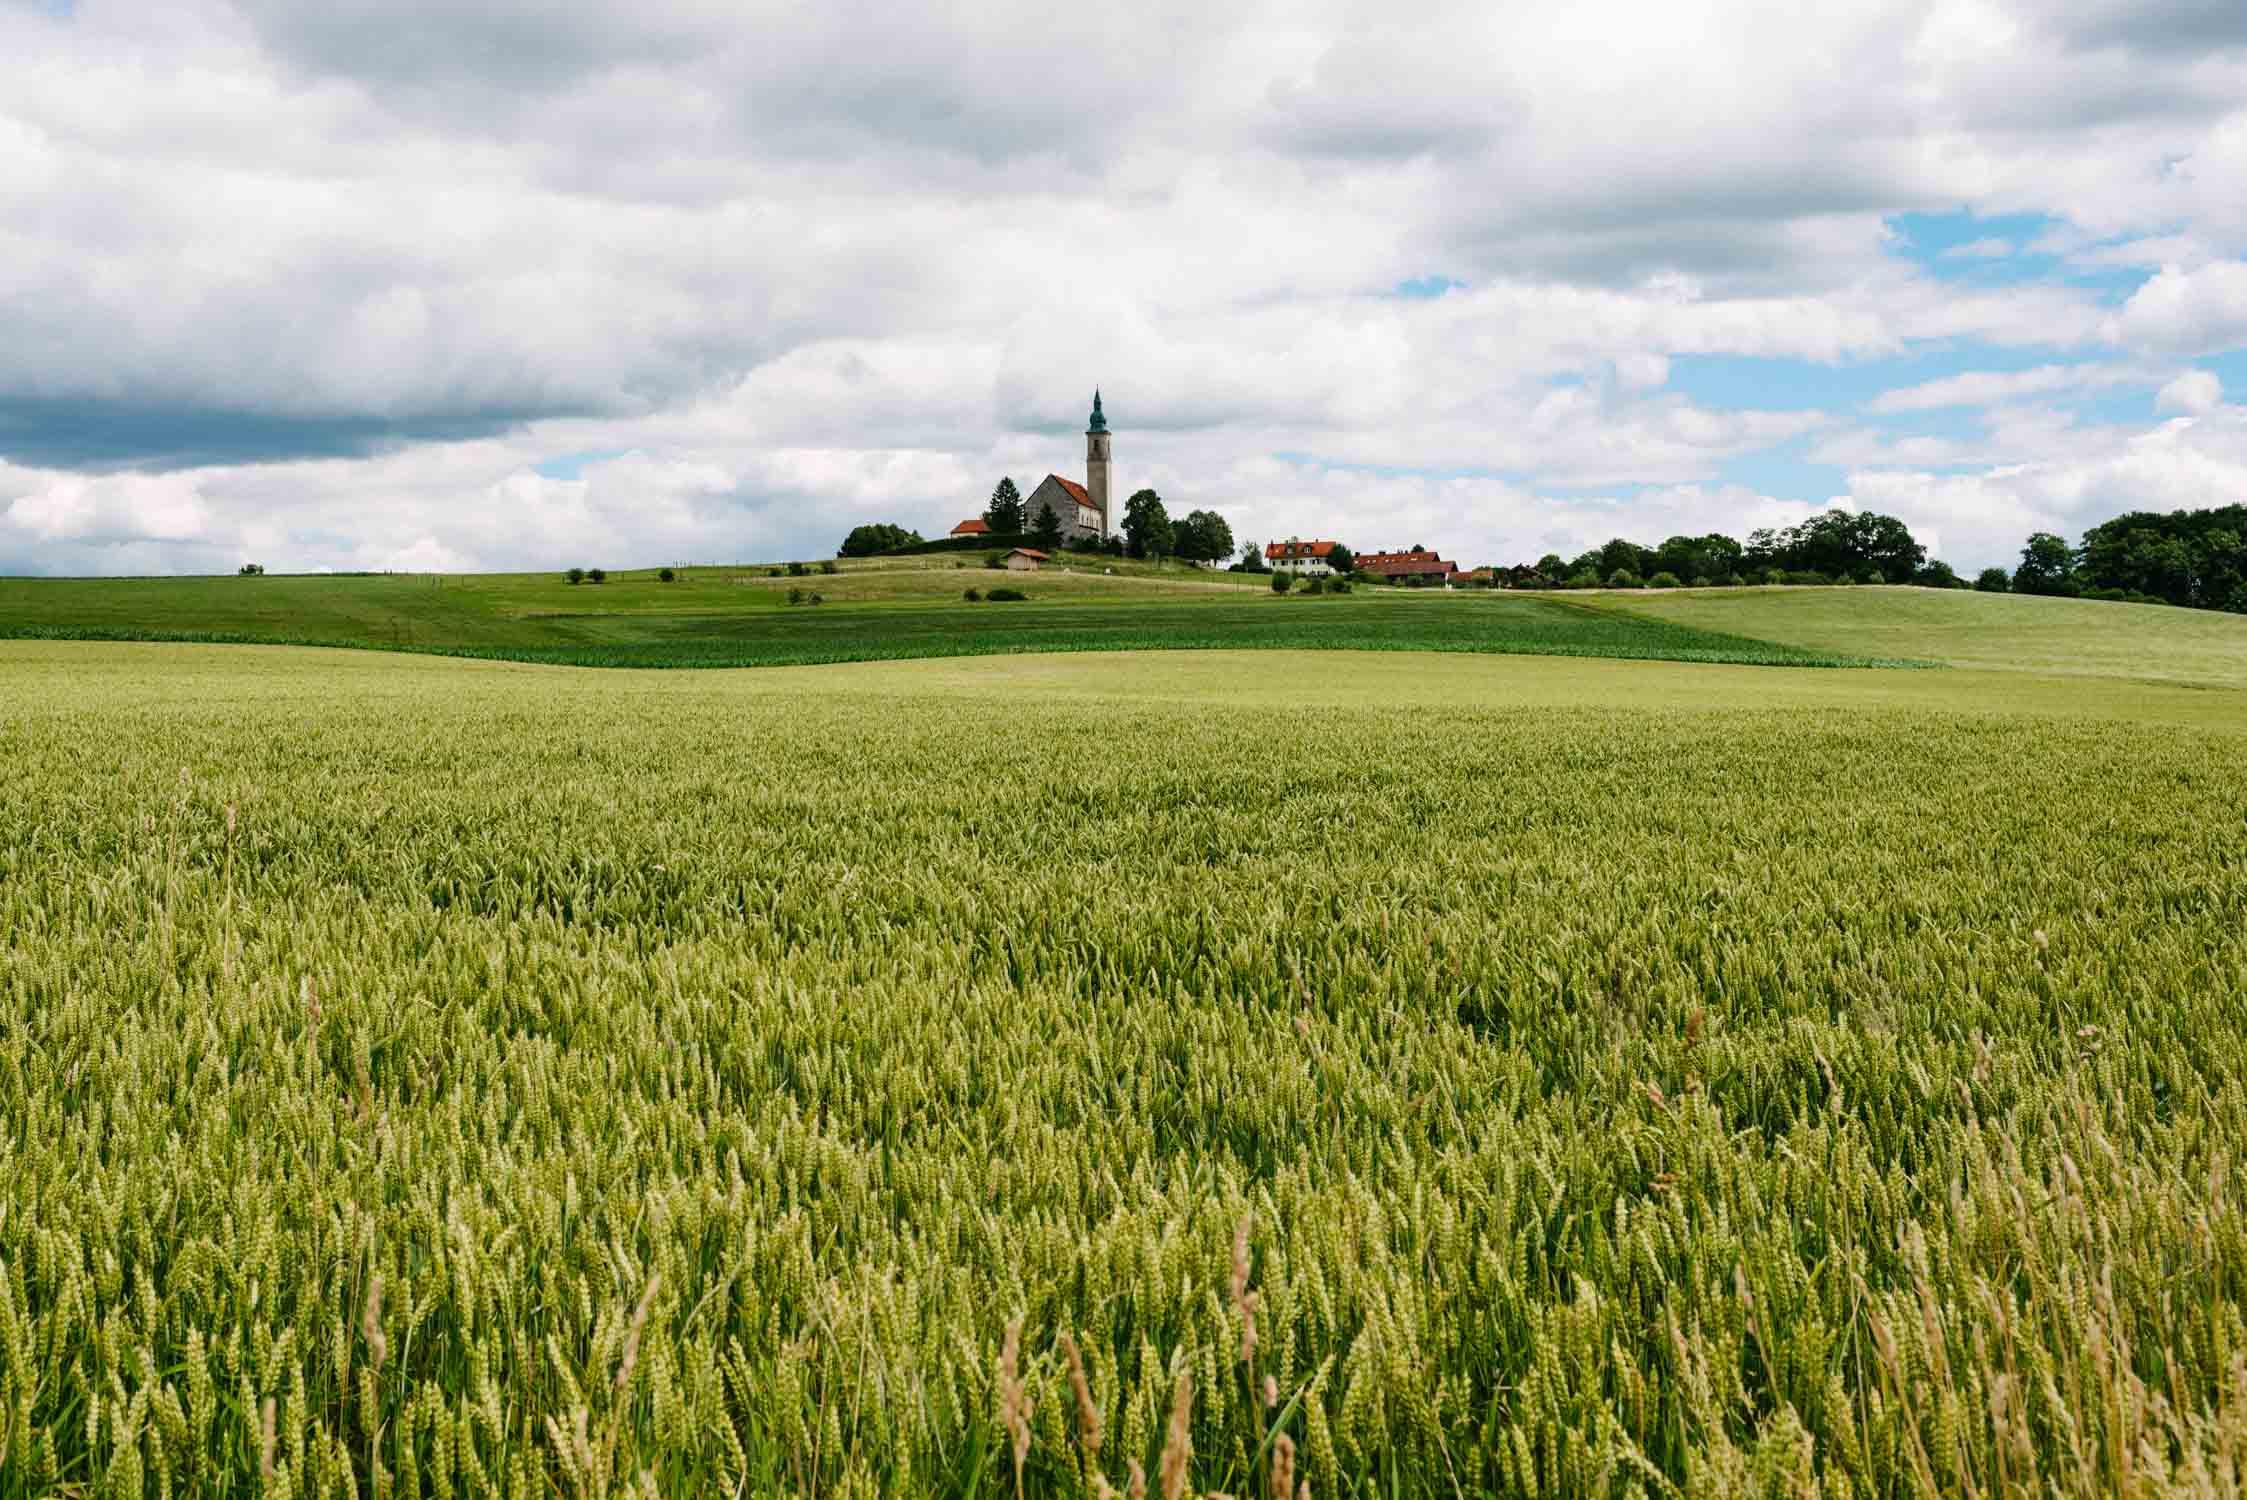 Blick von einem Kornfeld aus auf die Kirche Sankt Michael in Alxing.